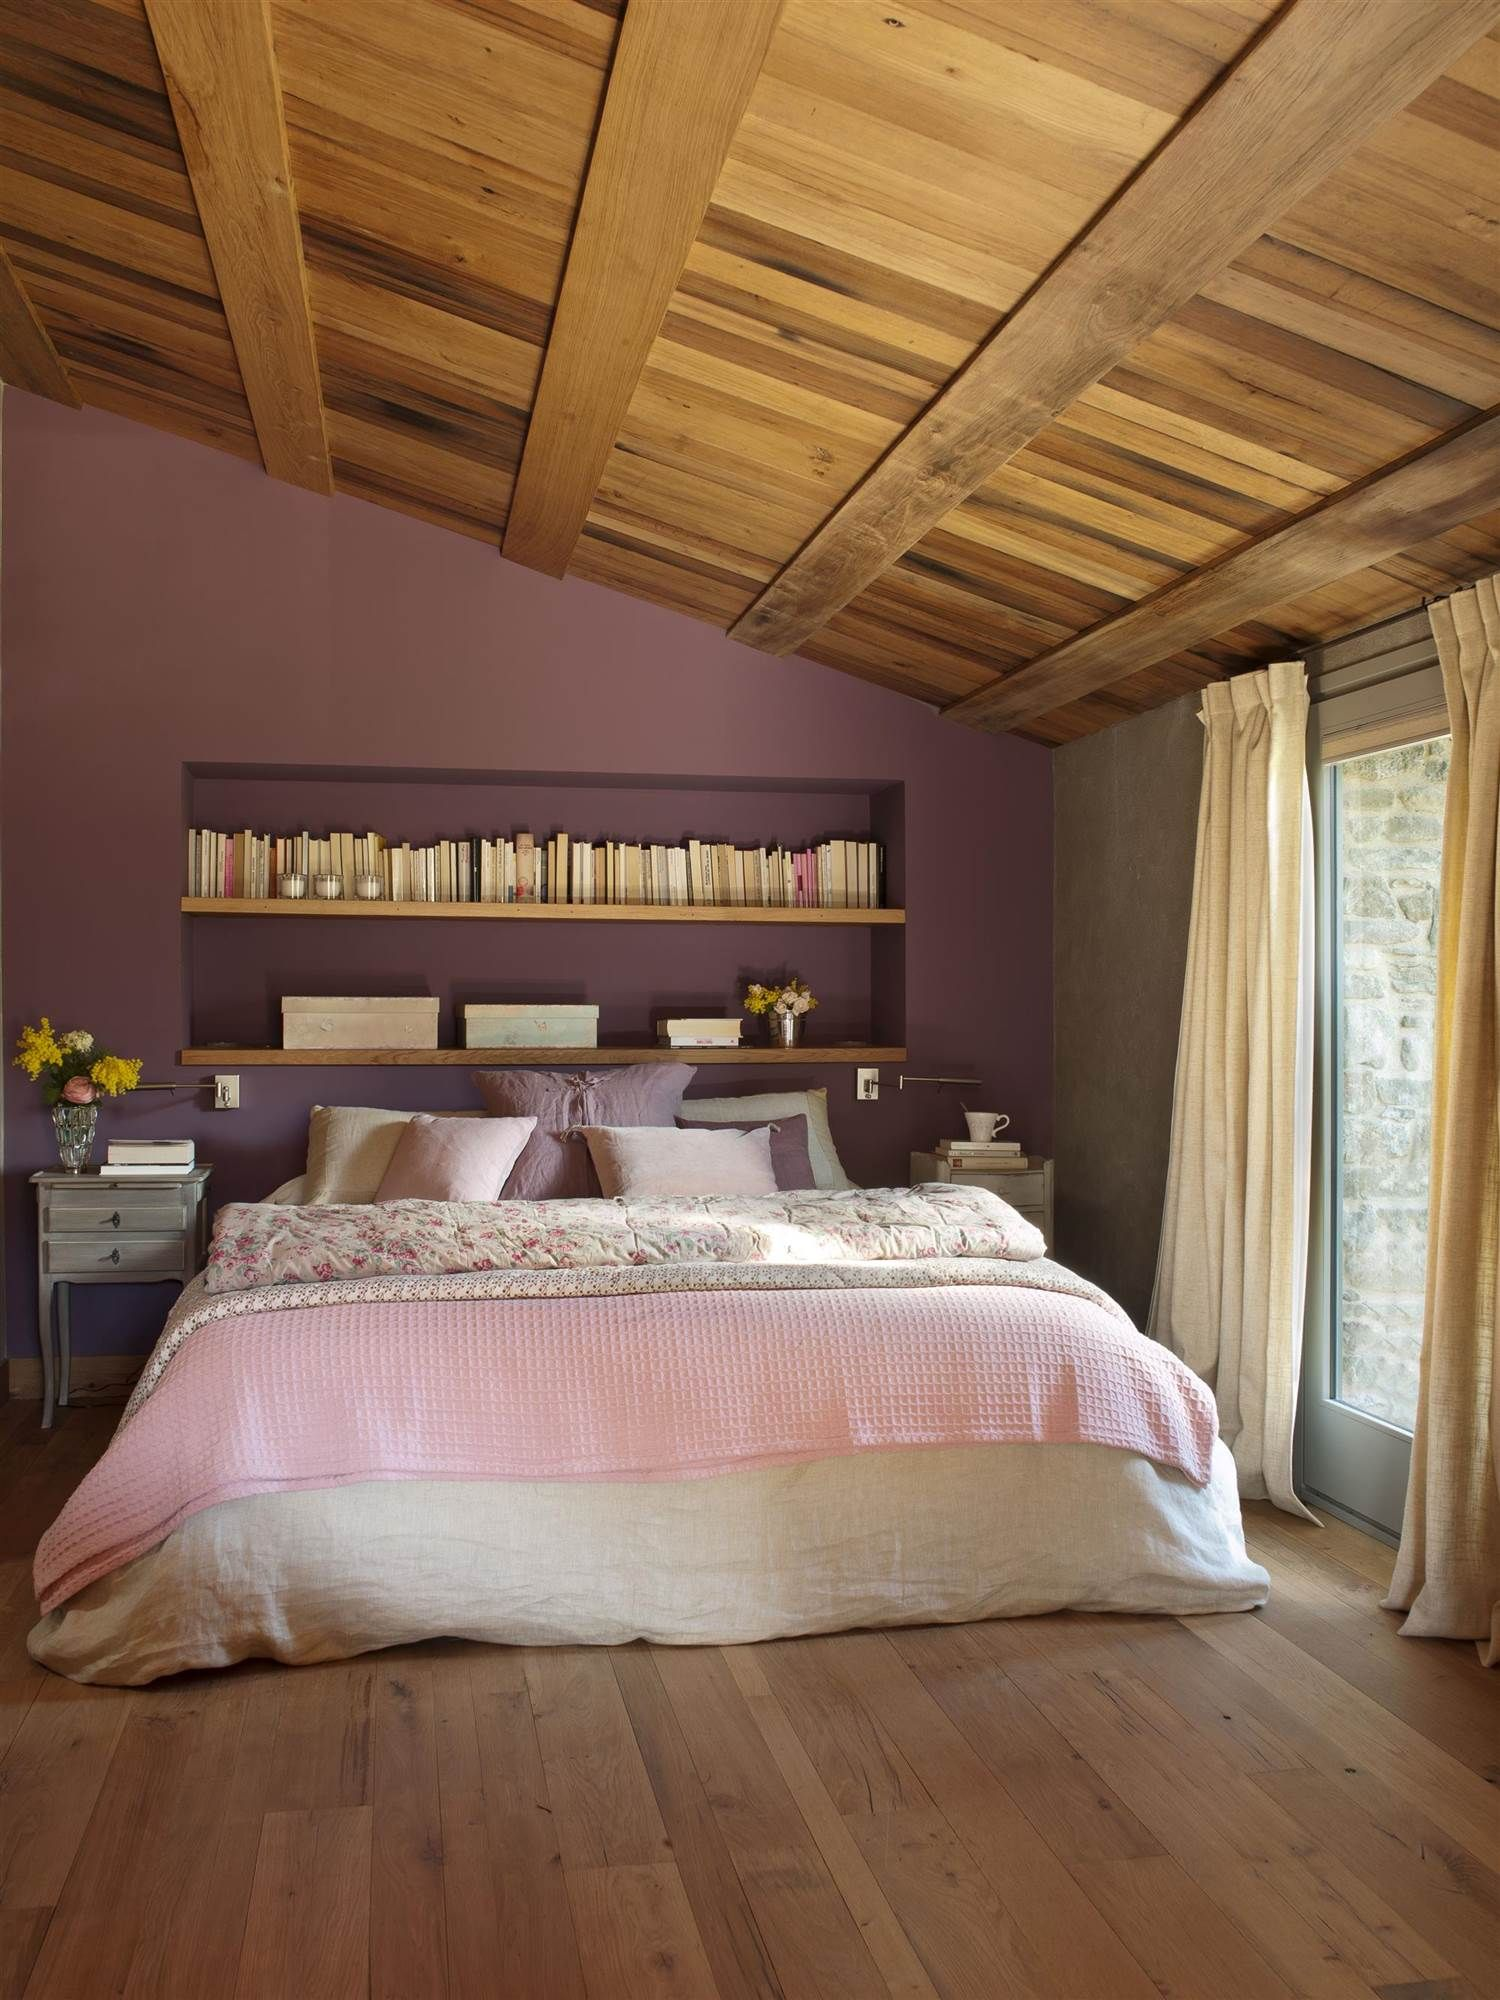 Dormitorio con la pared del cabecero pintada de granate - Habitacion de madera ...